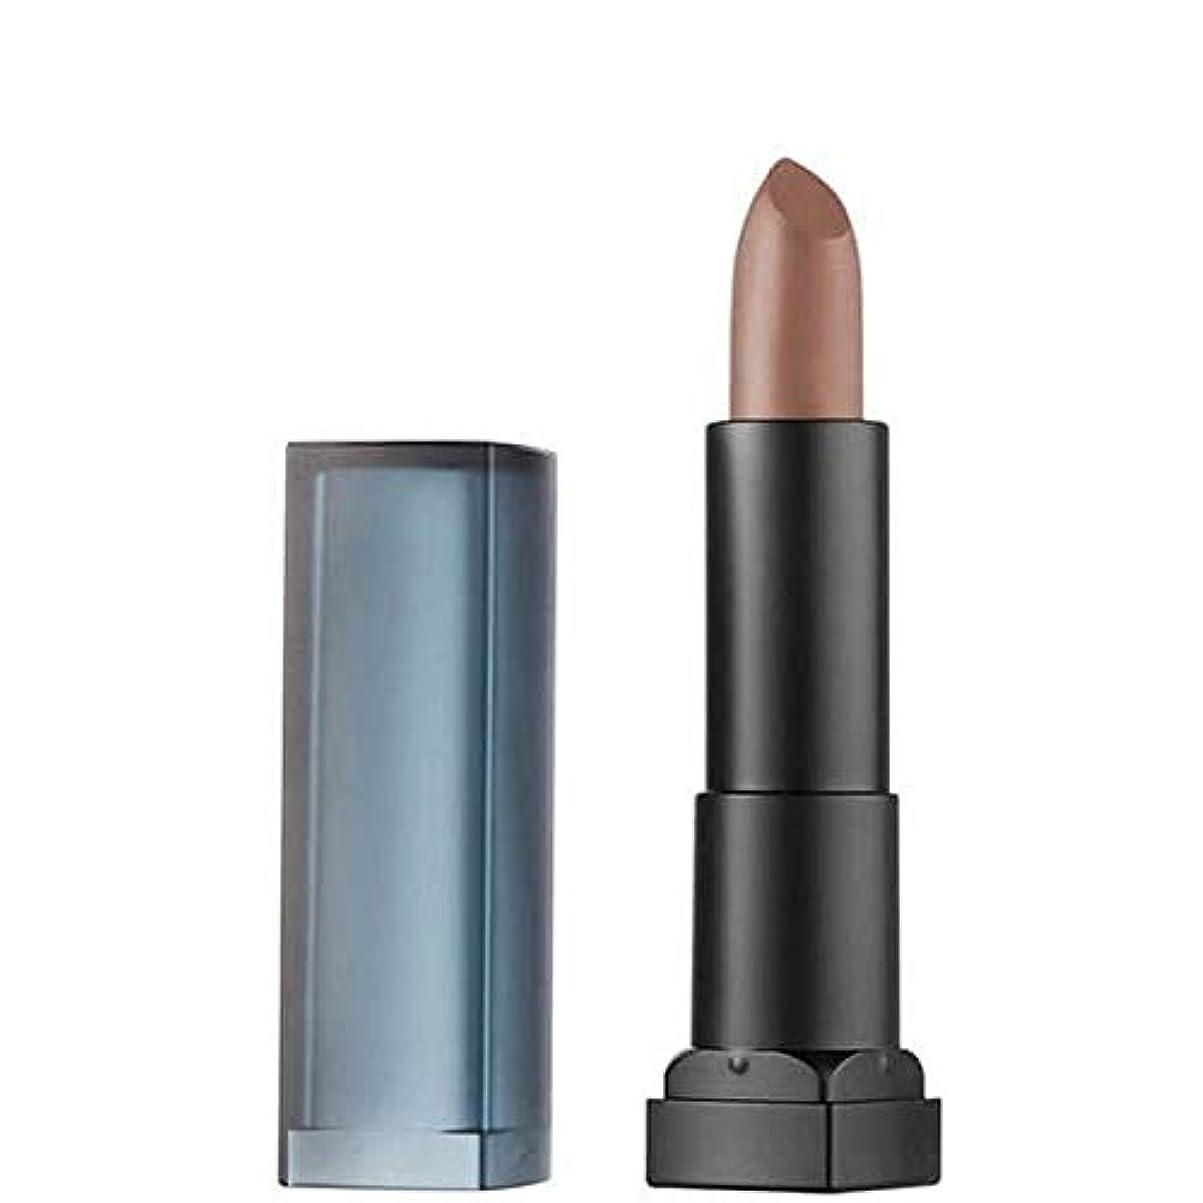 複合庭園むしゃむしゃ[Maybelline ] メイベリンカラーセンセーショナルなマット口紅15スモーキートープ - Maybelline Color Sensational Matte Lipstick 15 Smoky Taupe [並行輸入品]